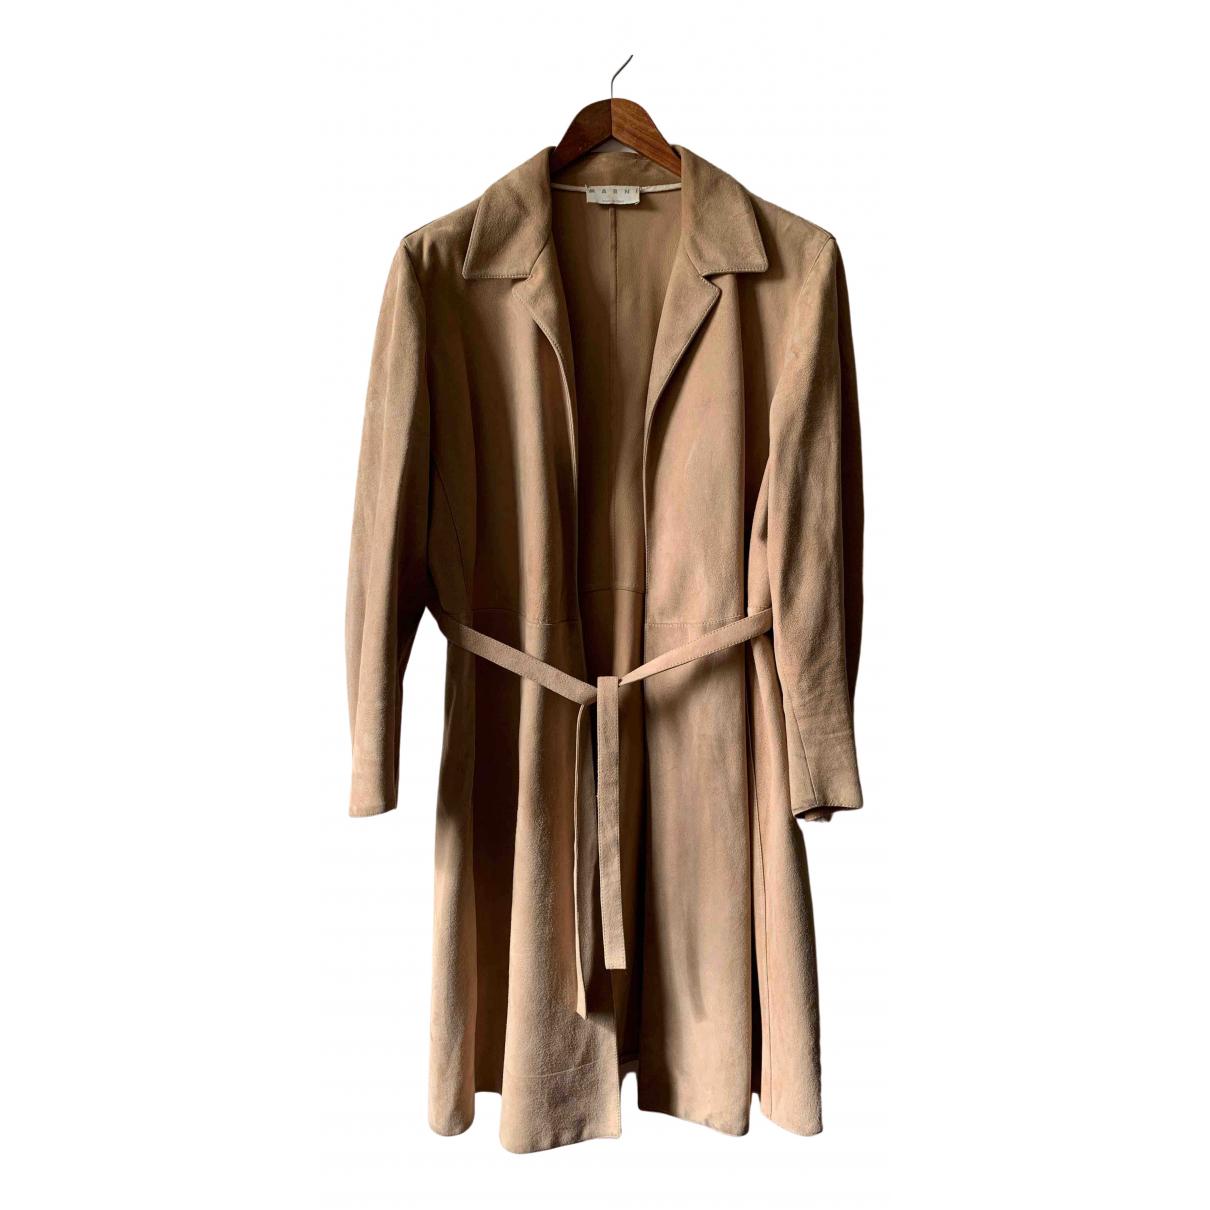 Marni \N Beige Suede coat for Women 44 IT